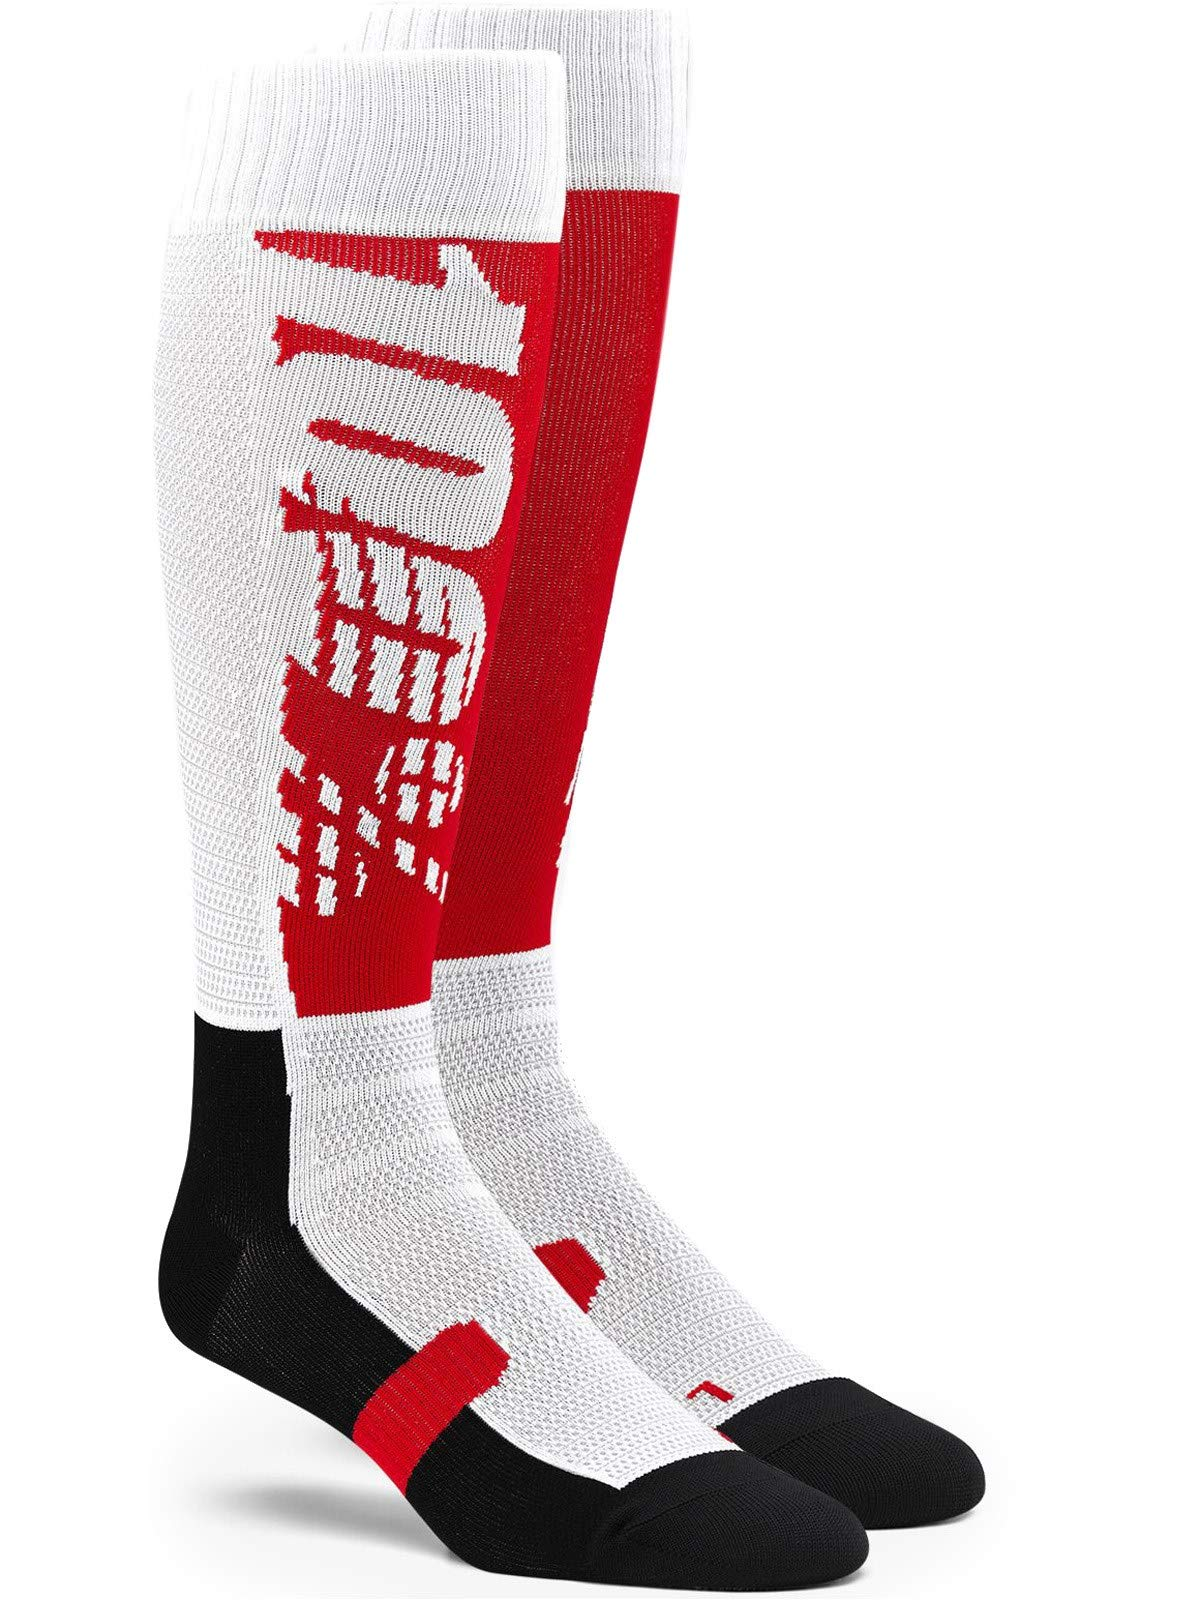 100% Hi Side Performance Moto Socks-Red/Black-L/XL